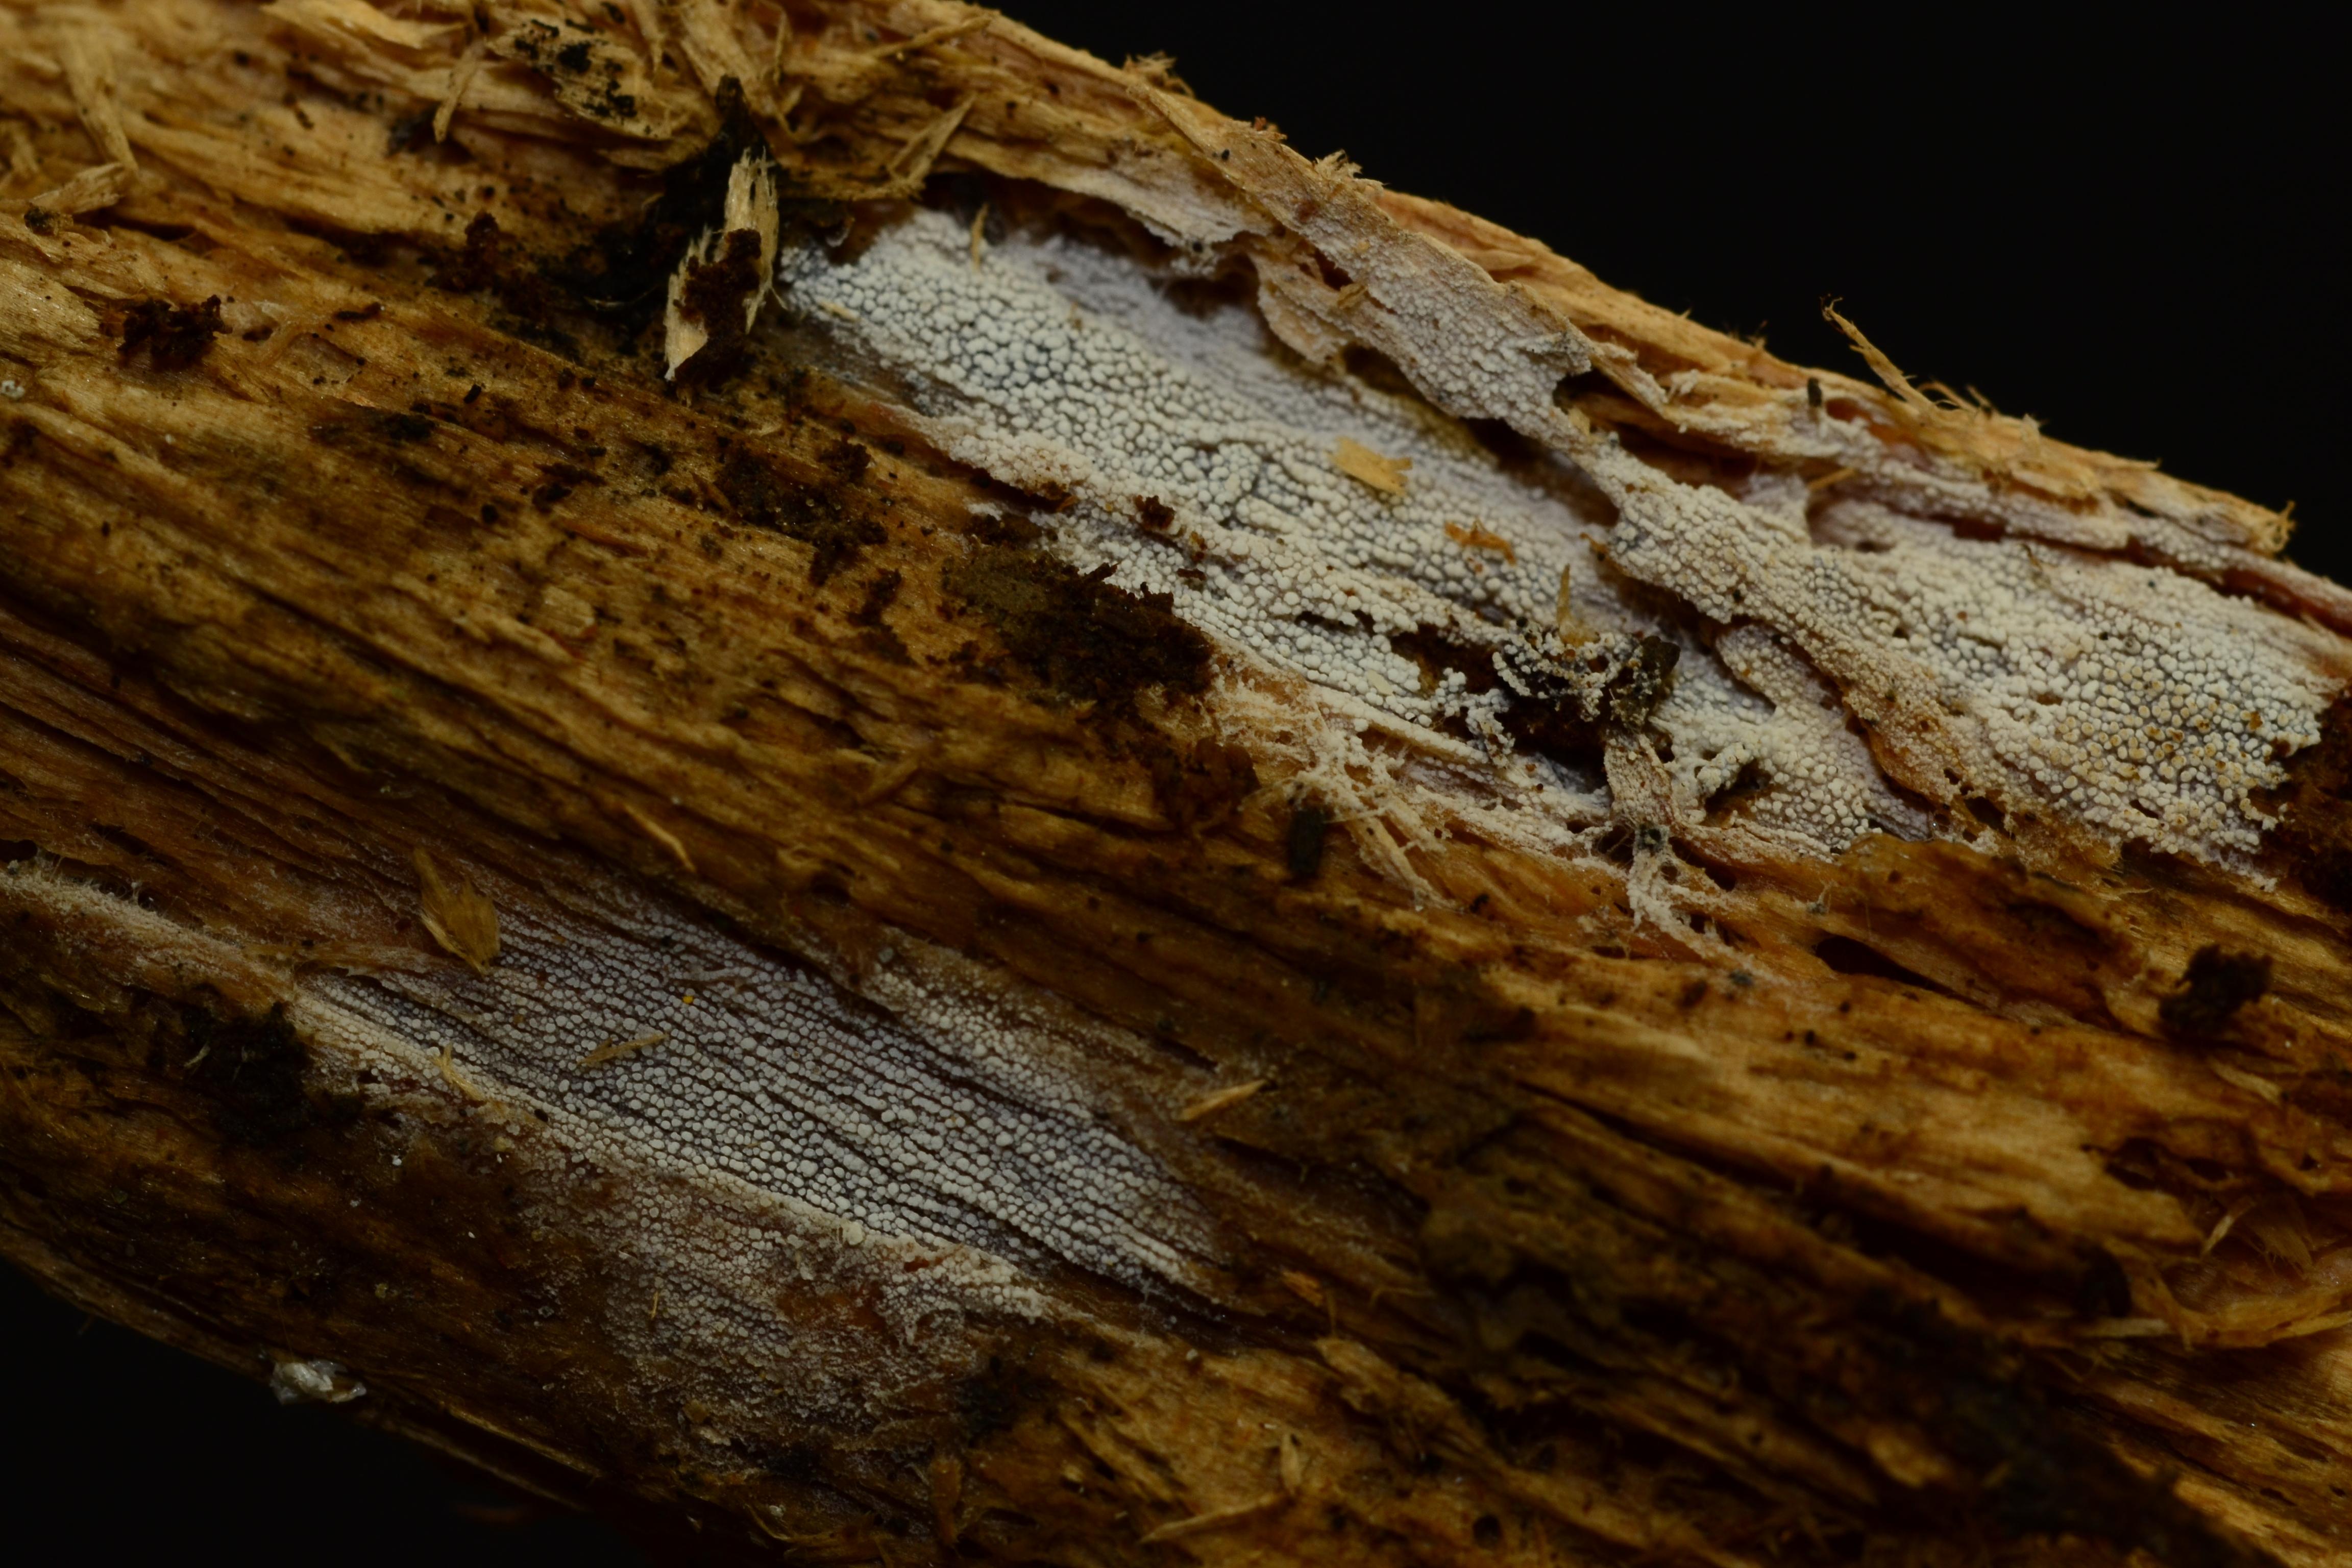 Hyphodontia curvispora image